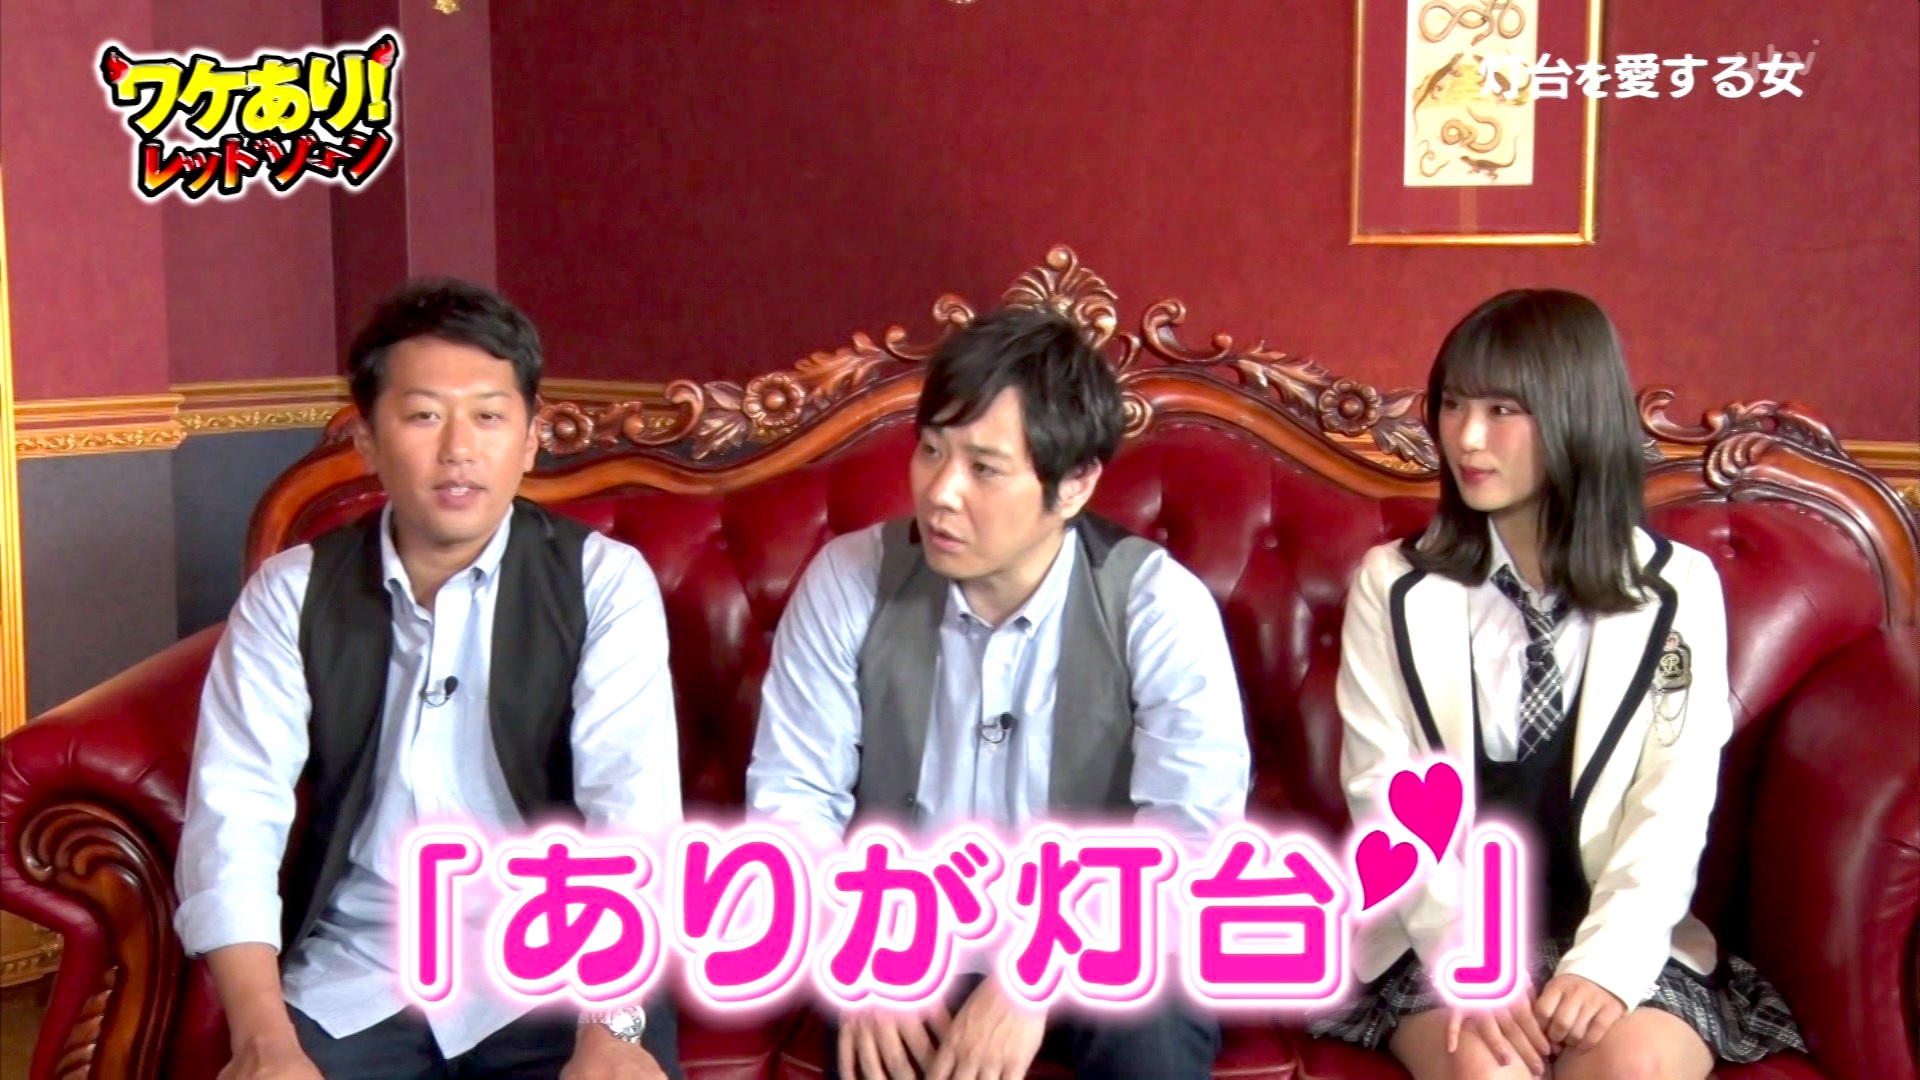 【渋谷凪咲】なぎさ出演・2/16ワケあり!レッドゾーンキャプ画像。「灯台を愛する女」が登場